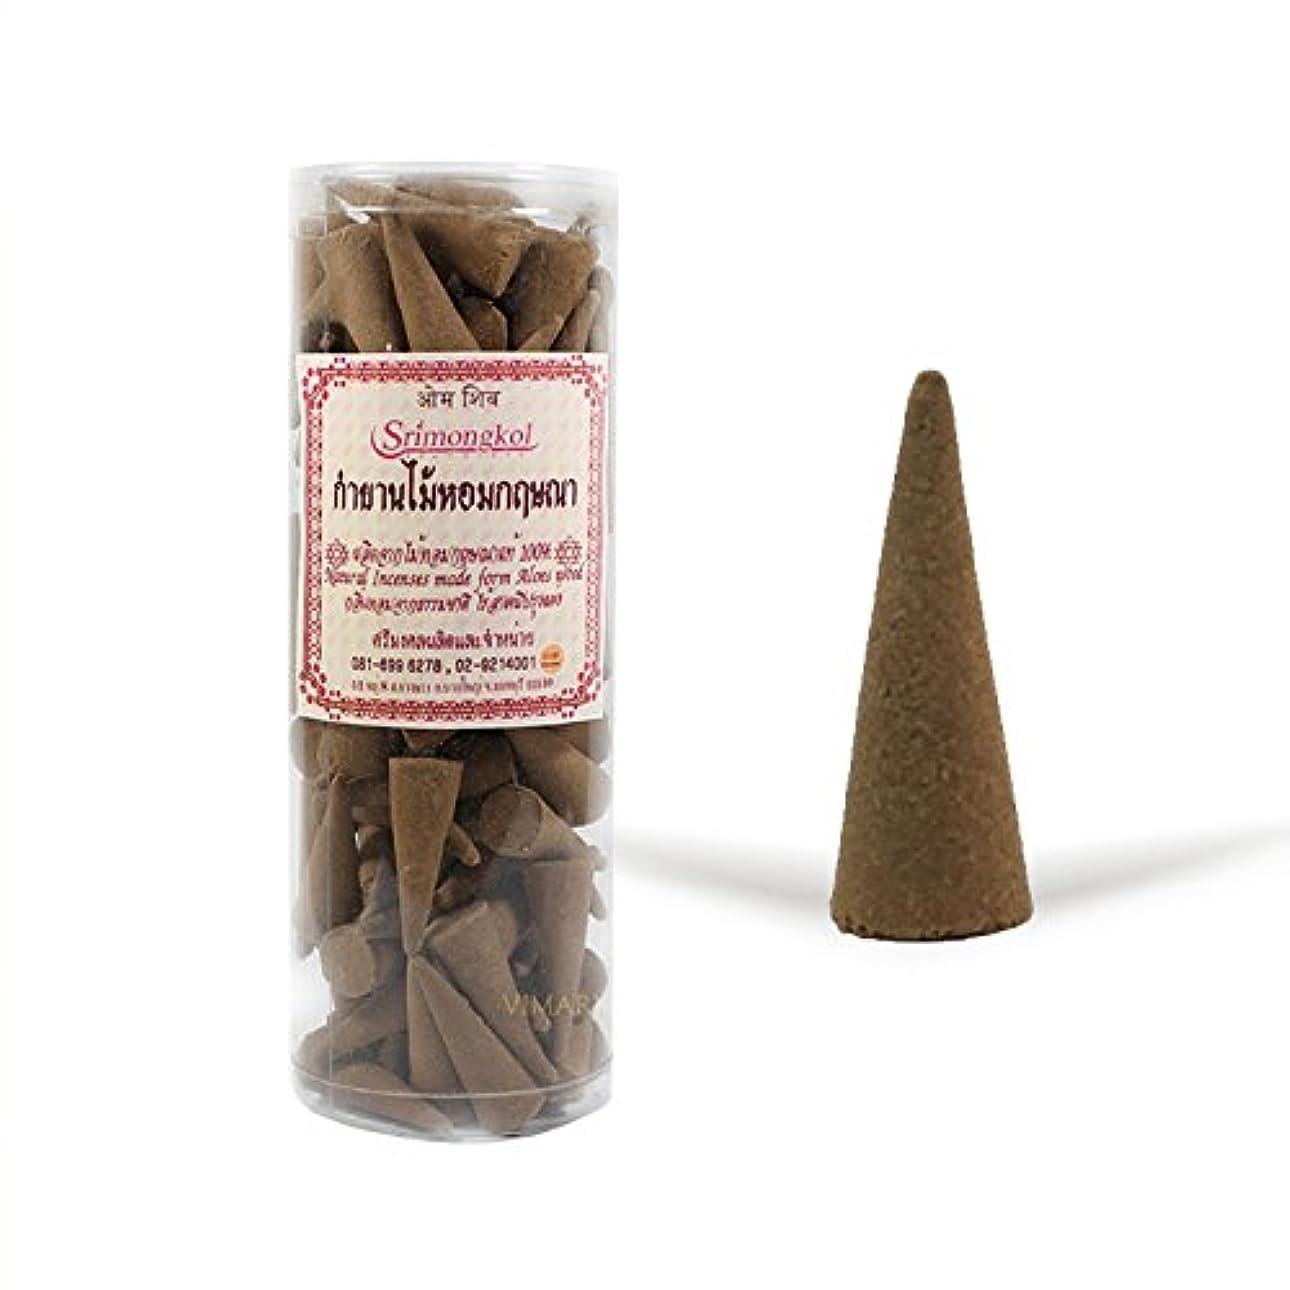 スペイン語故意にシンカンSrimongkol Agarwood Natural Incense Cones 300 Grams (No Chemical):::Srimongkol Agarwoodナチュラル香コーン300グラム(化学薬品なし)